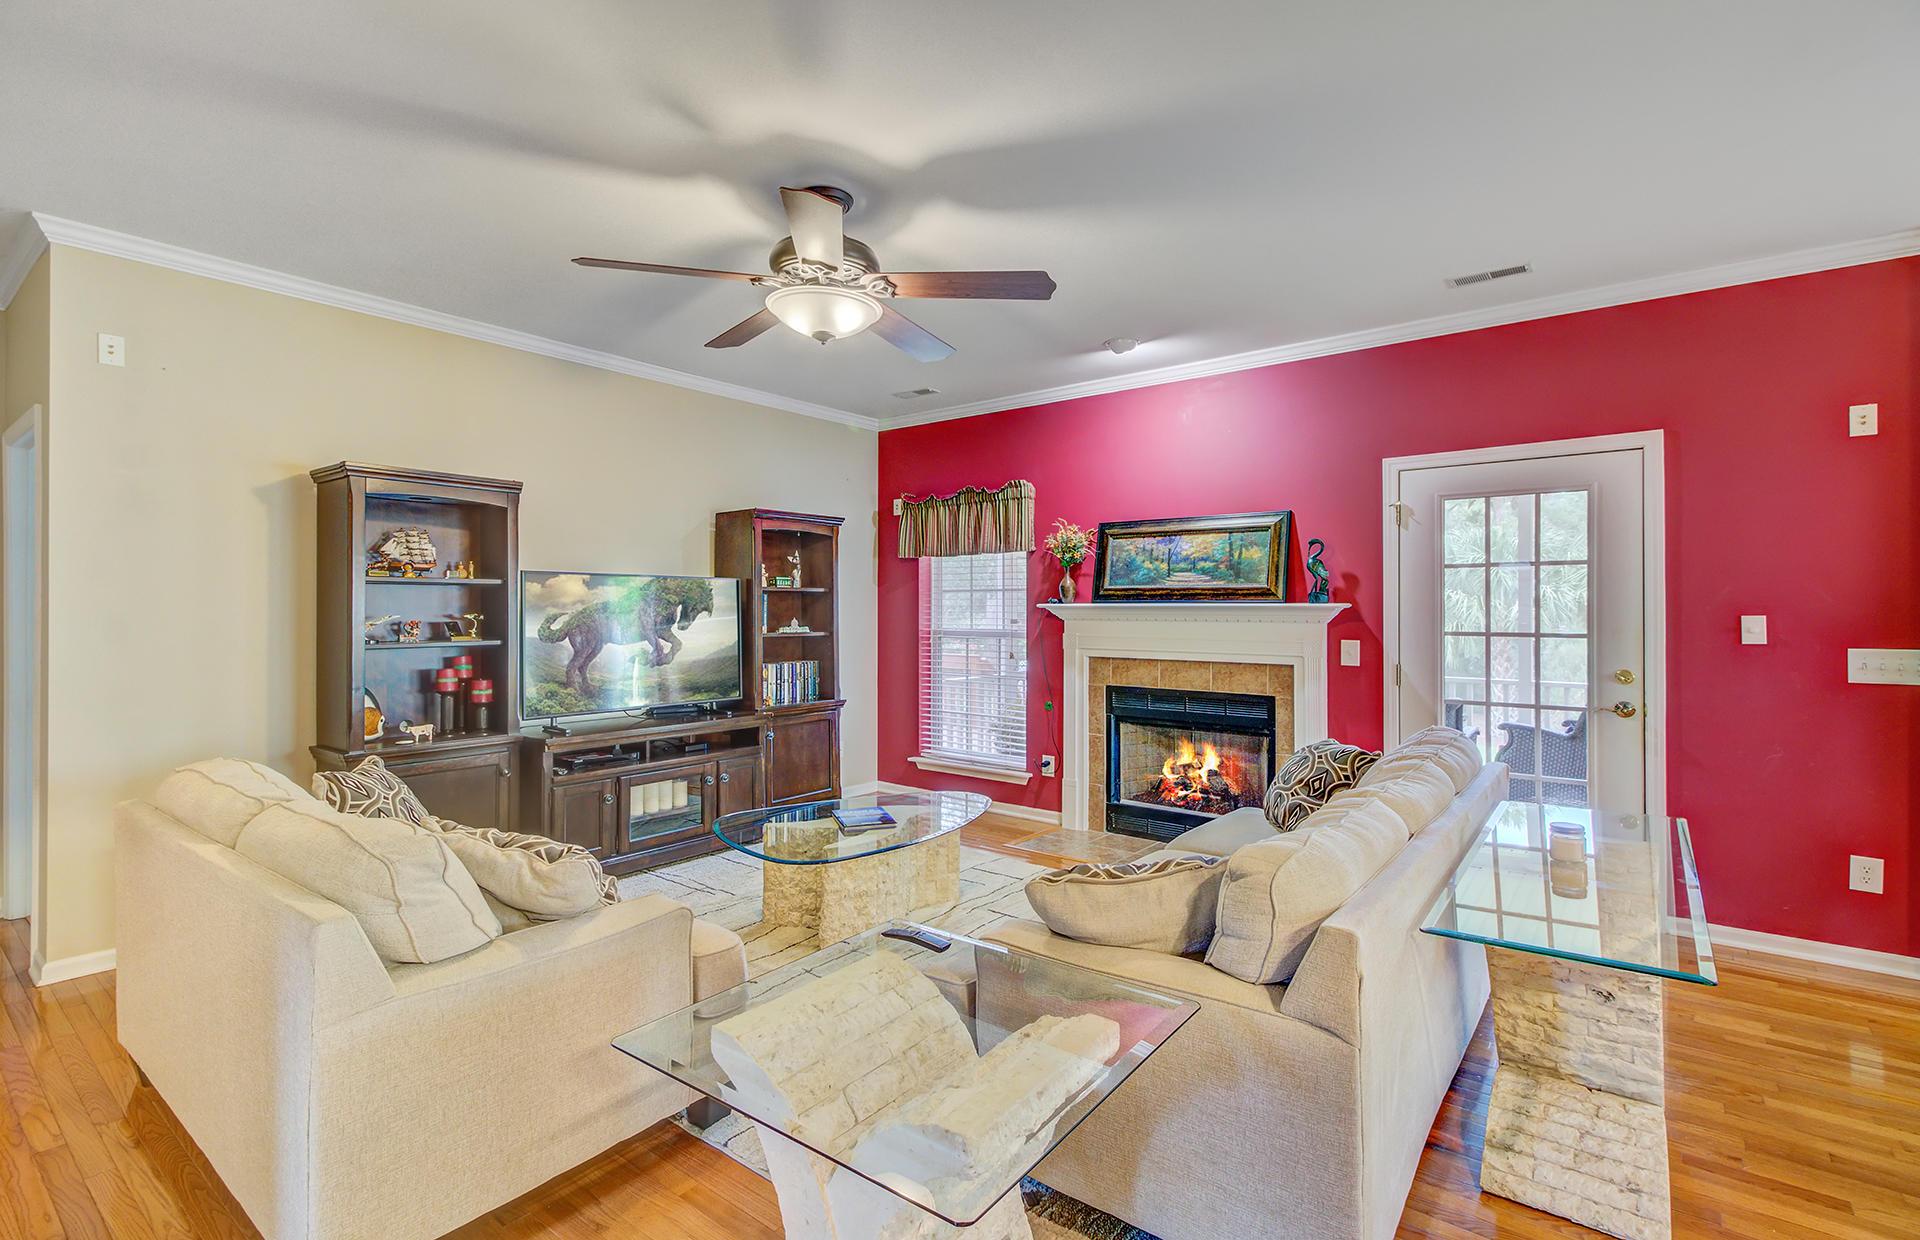 Park West Homes For Sale - 3120 Sonja, Mount Pleasant, SC - 28